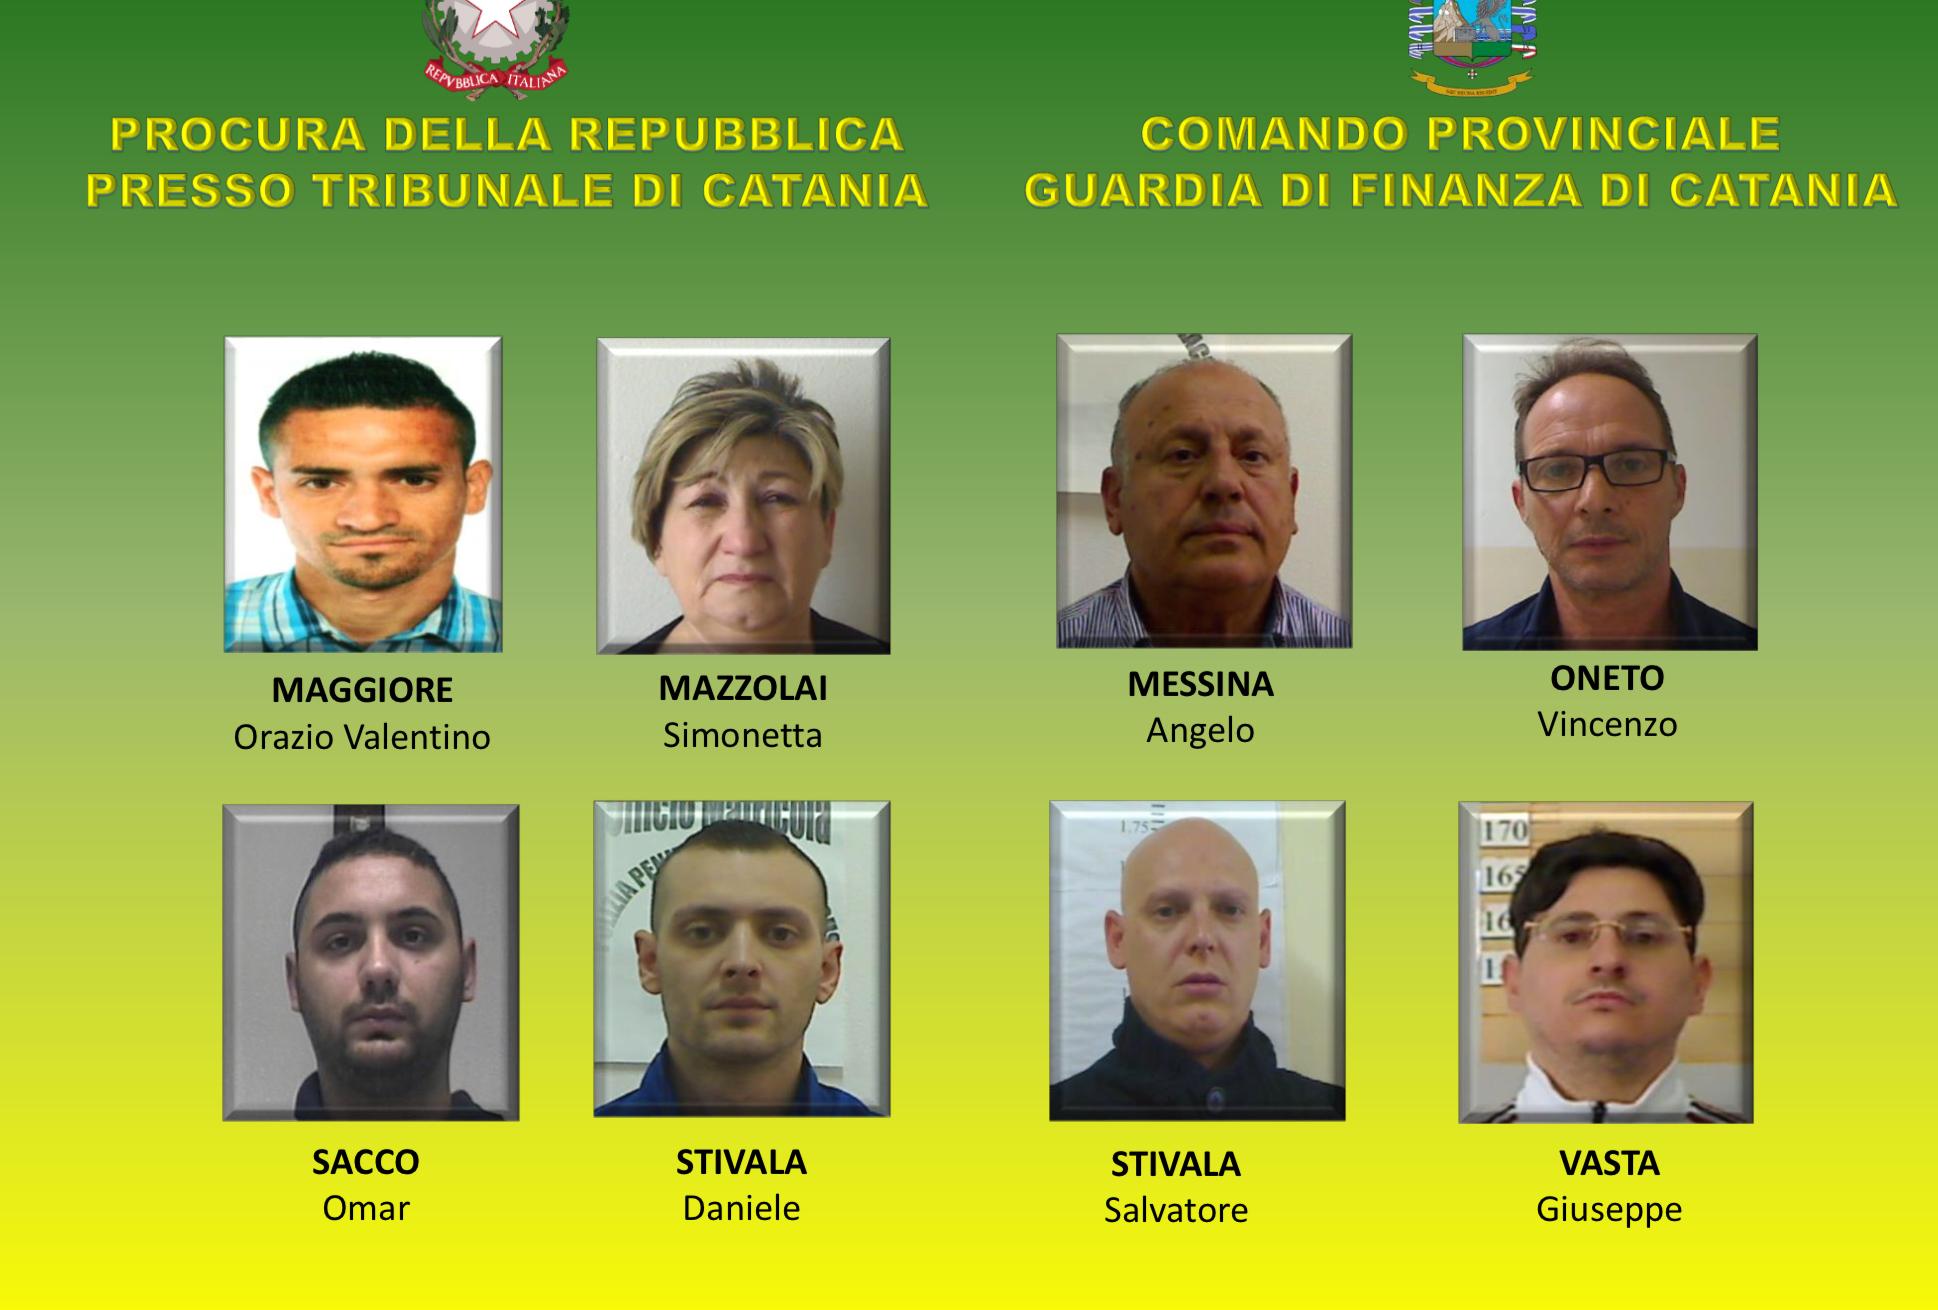 Traffico internazionale di droga a Catania, il video dell'operazione